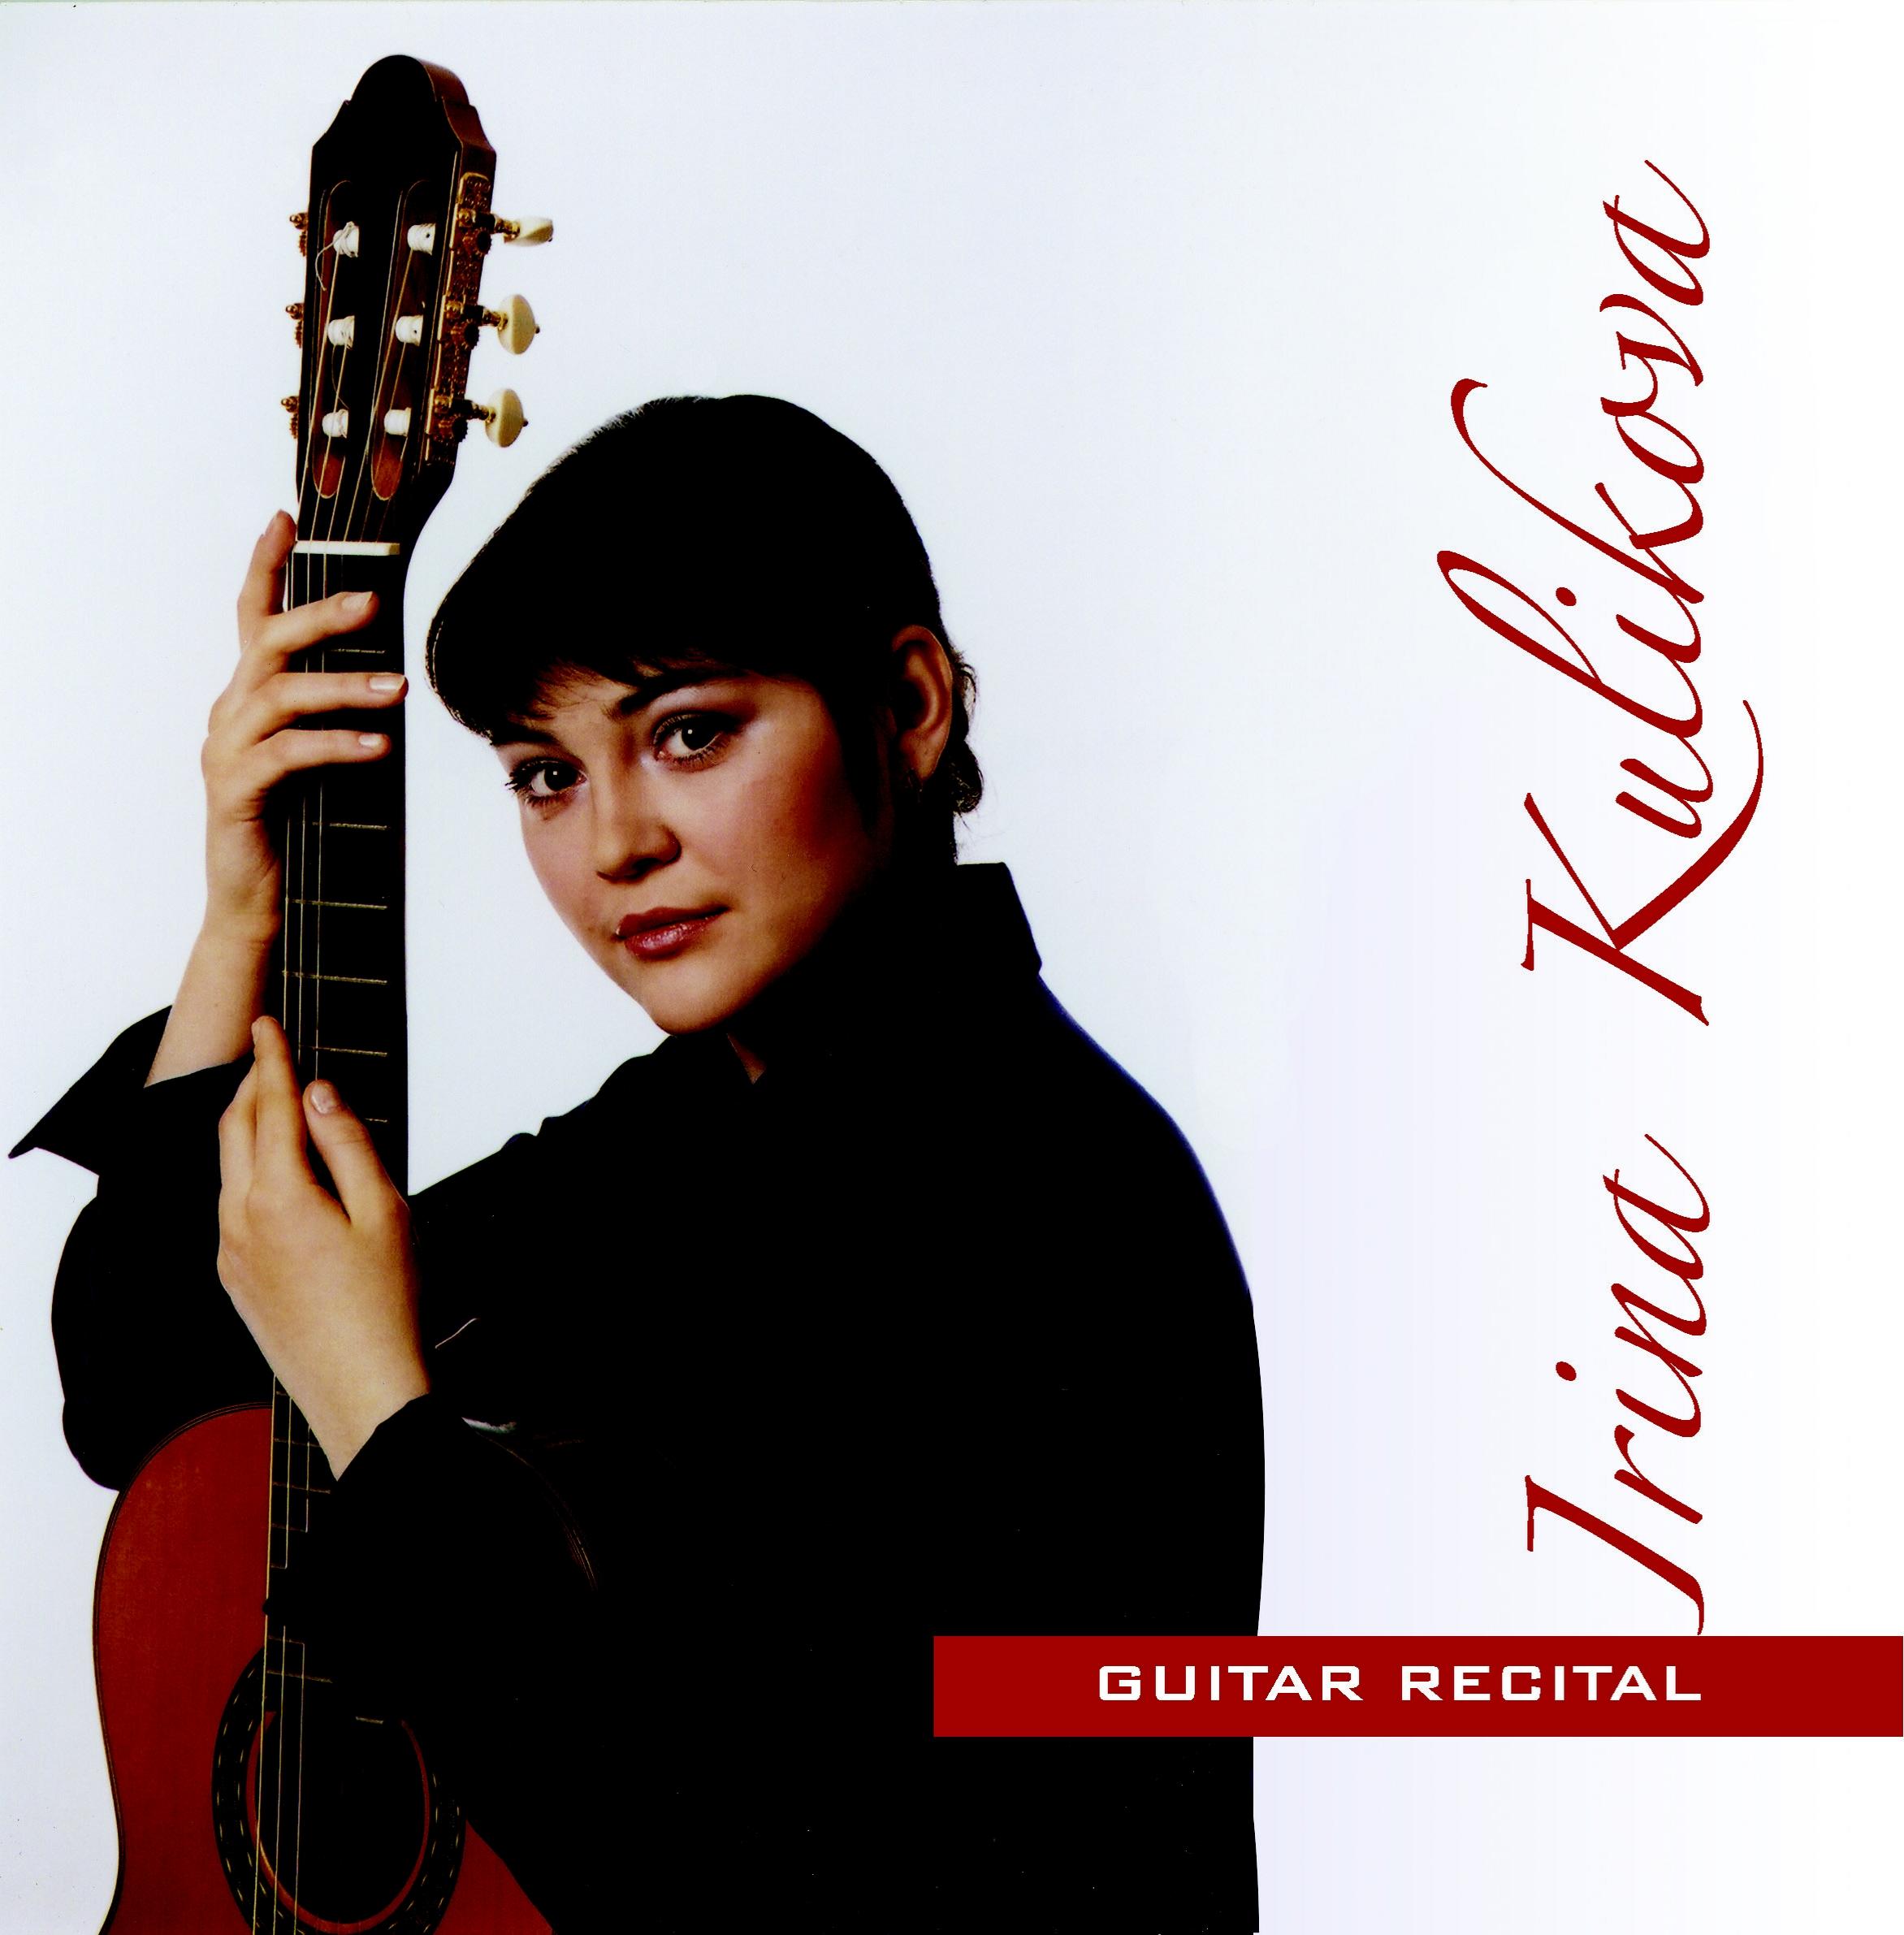 Guitar Recital 2005 - album cover